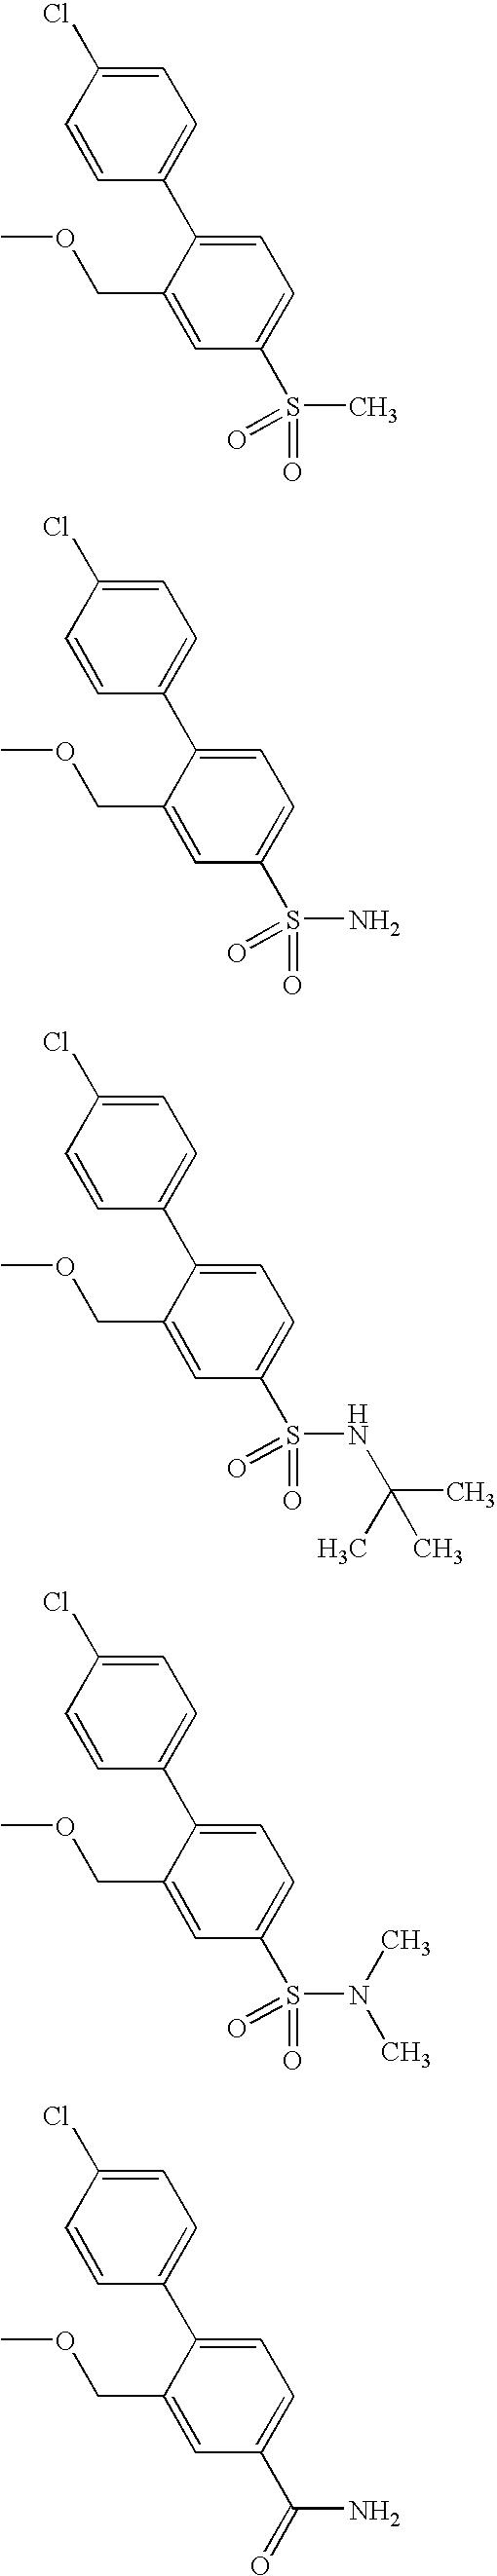 Figure US20070049593A1-20070301-C00229